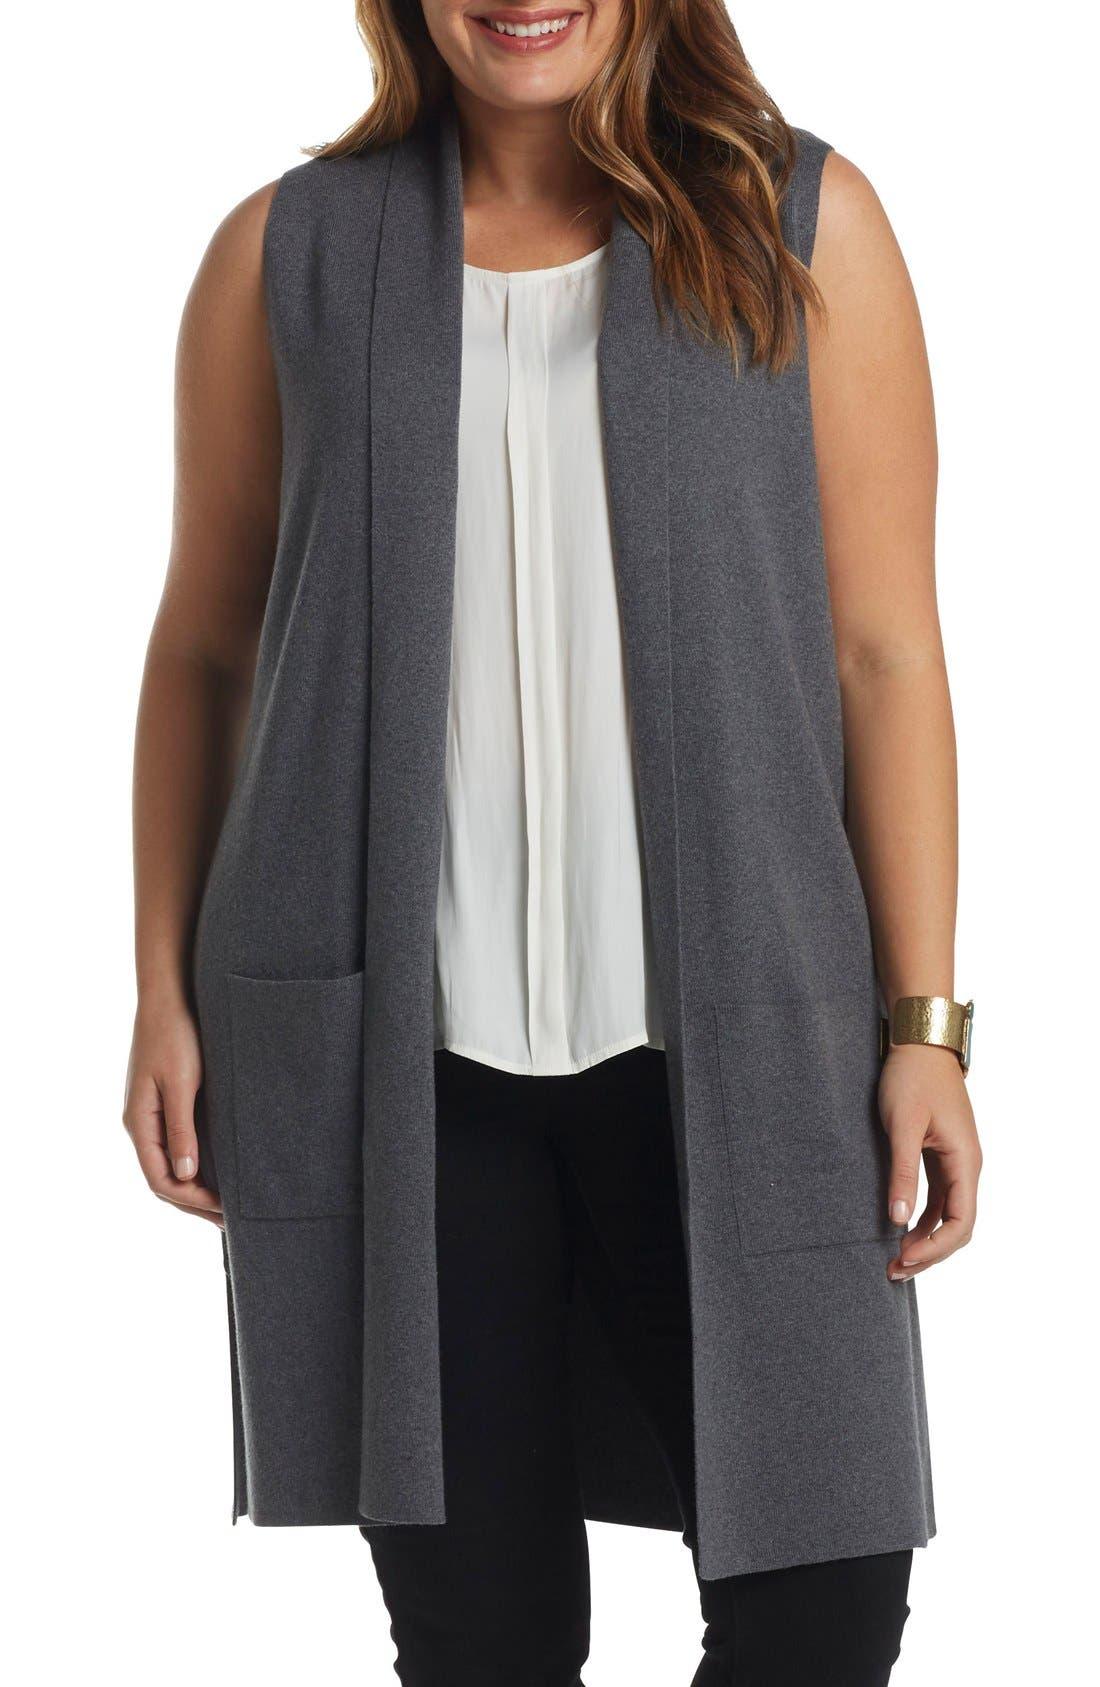 Melva Cotton & Cashmere Open Front Sweater Vest,                         Main,                         color, 023